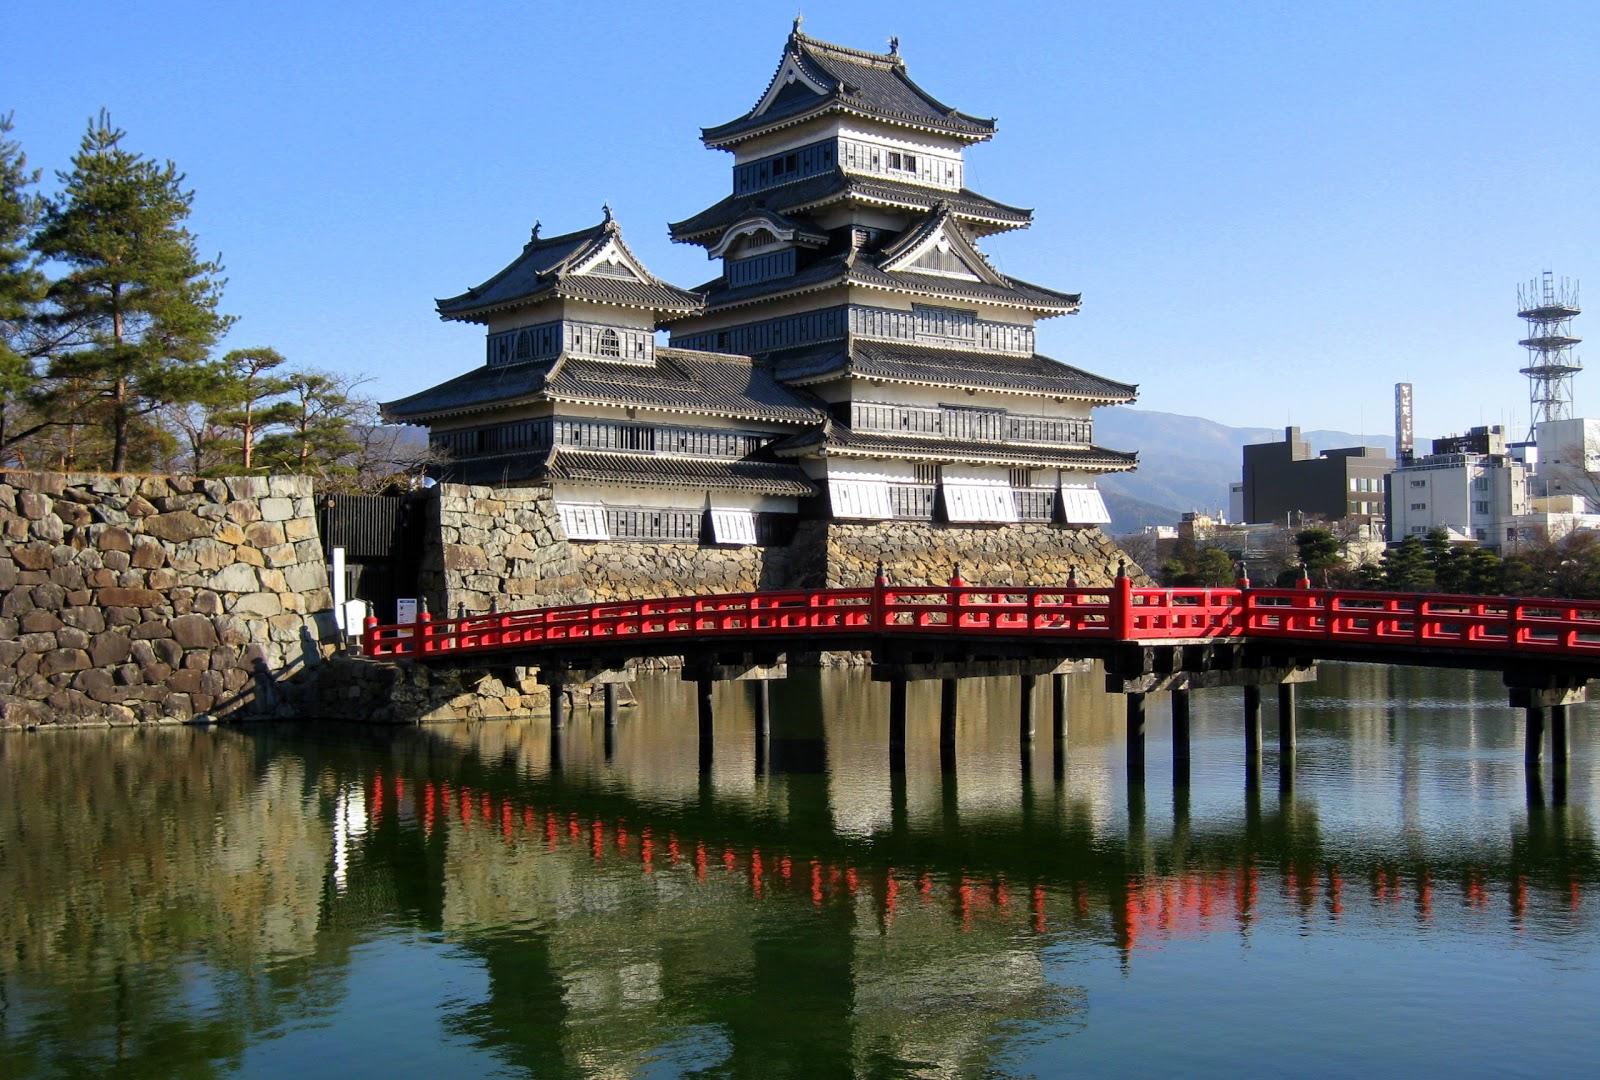 AccessJ: PT: Matsumoto Castle Ice Festival